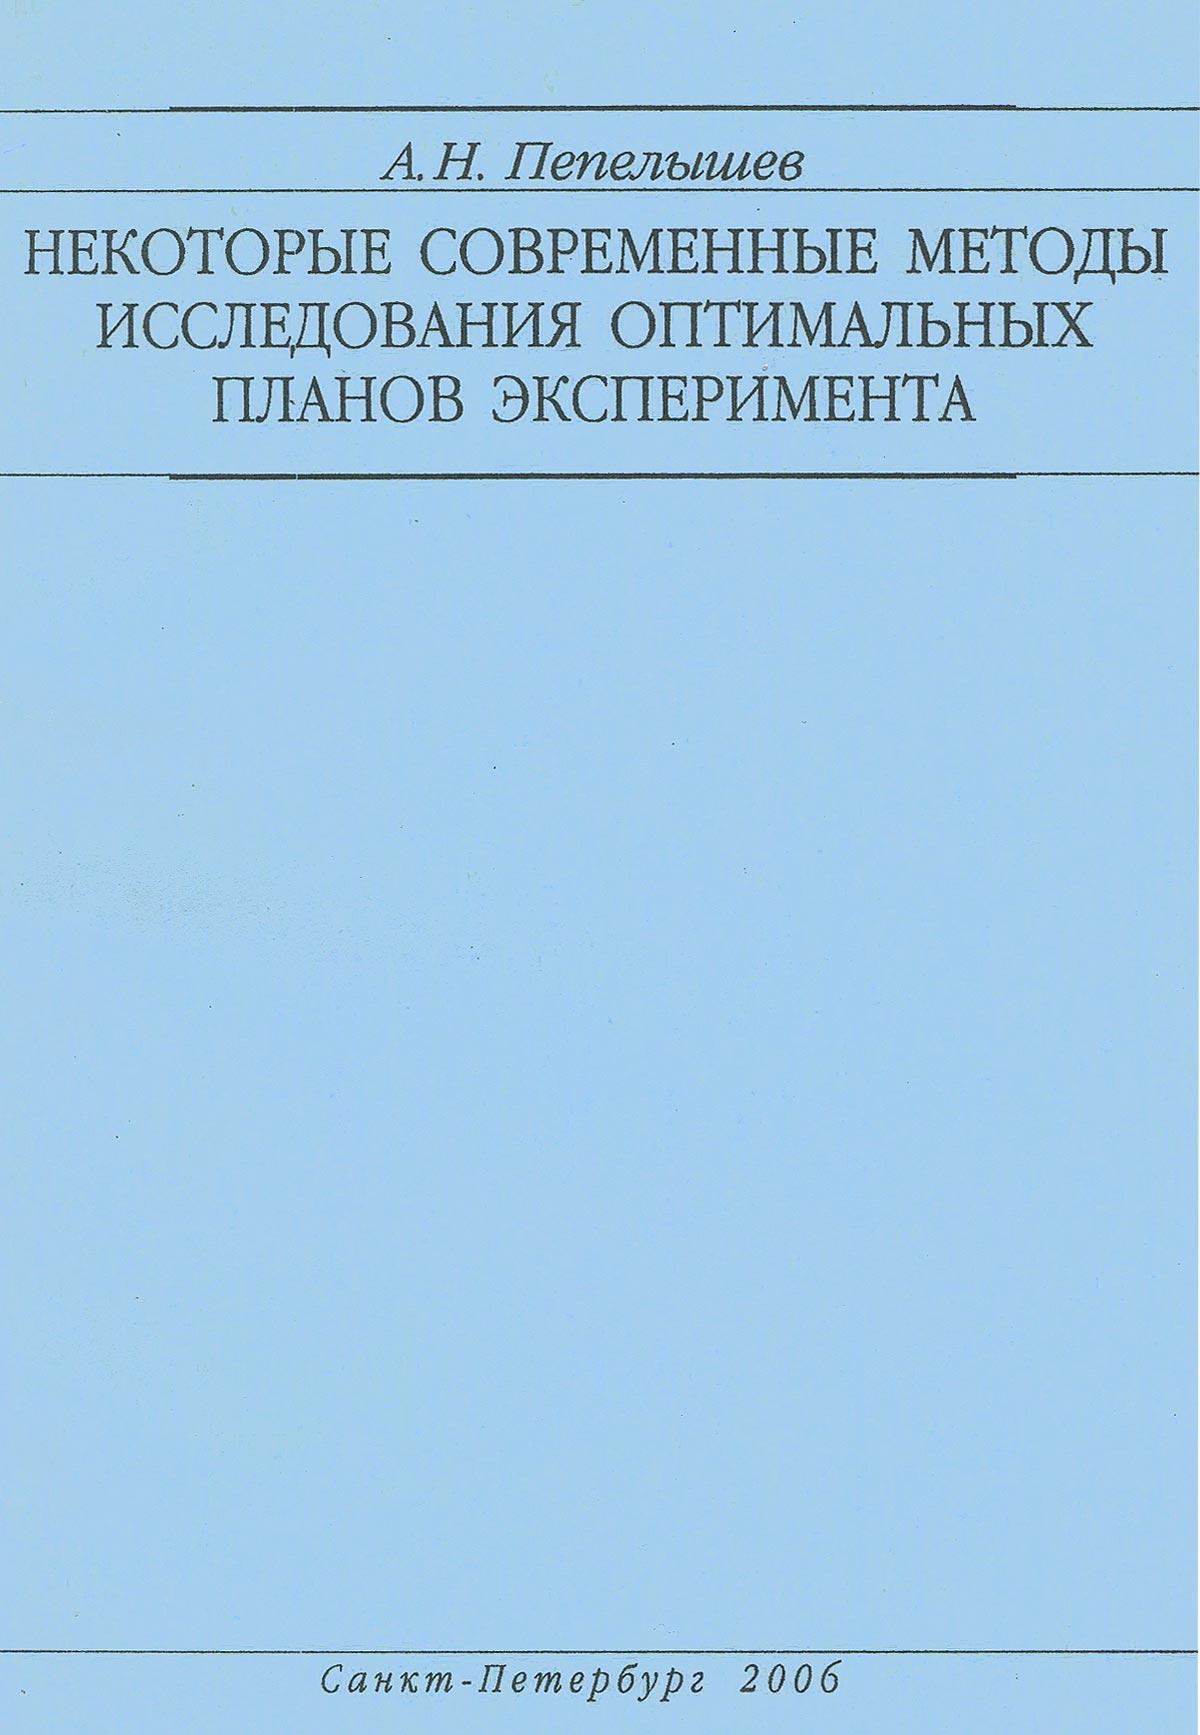 Некоторые современные методы исследования оптимальных планов эксперимента. Учебное пособие, А. Н. Пепелышев